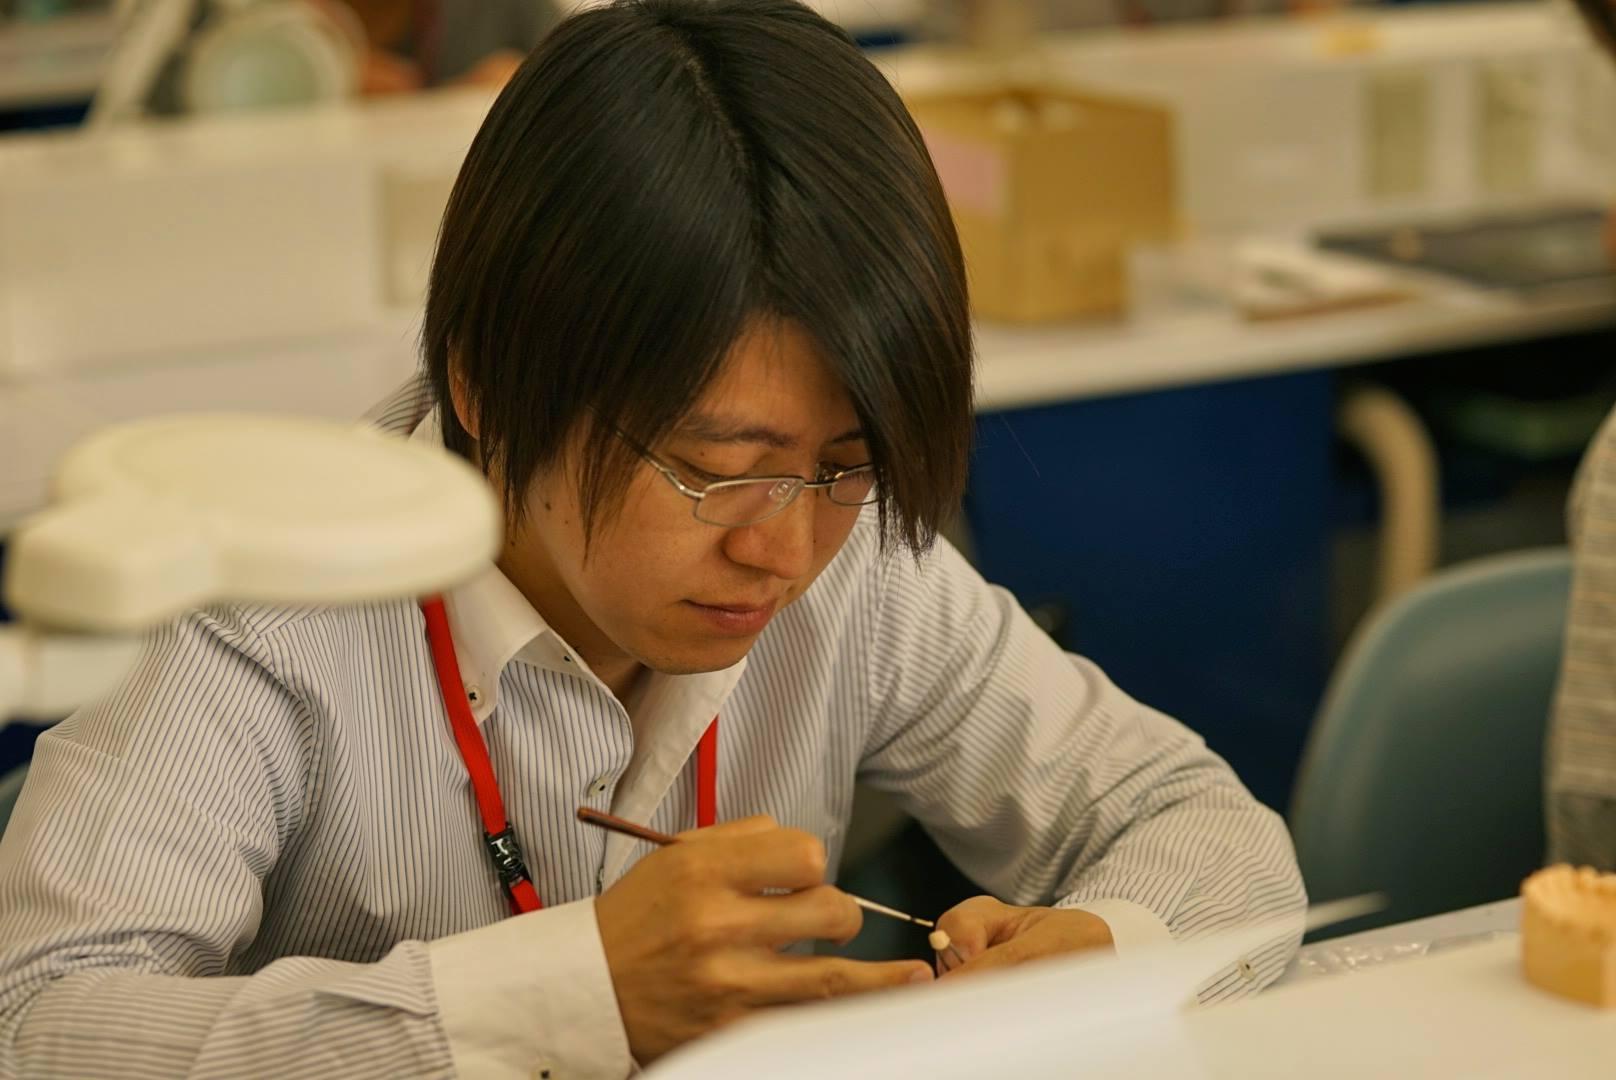 橋中 知之  (Tomoyuki Hashinaka)